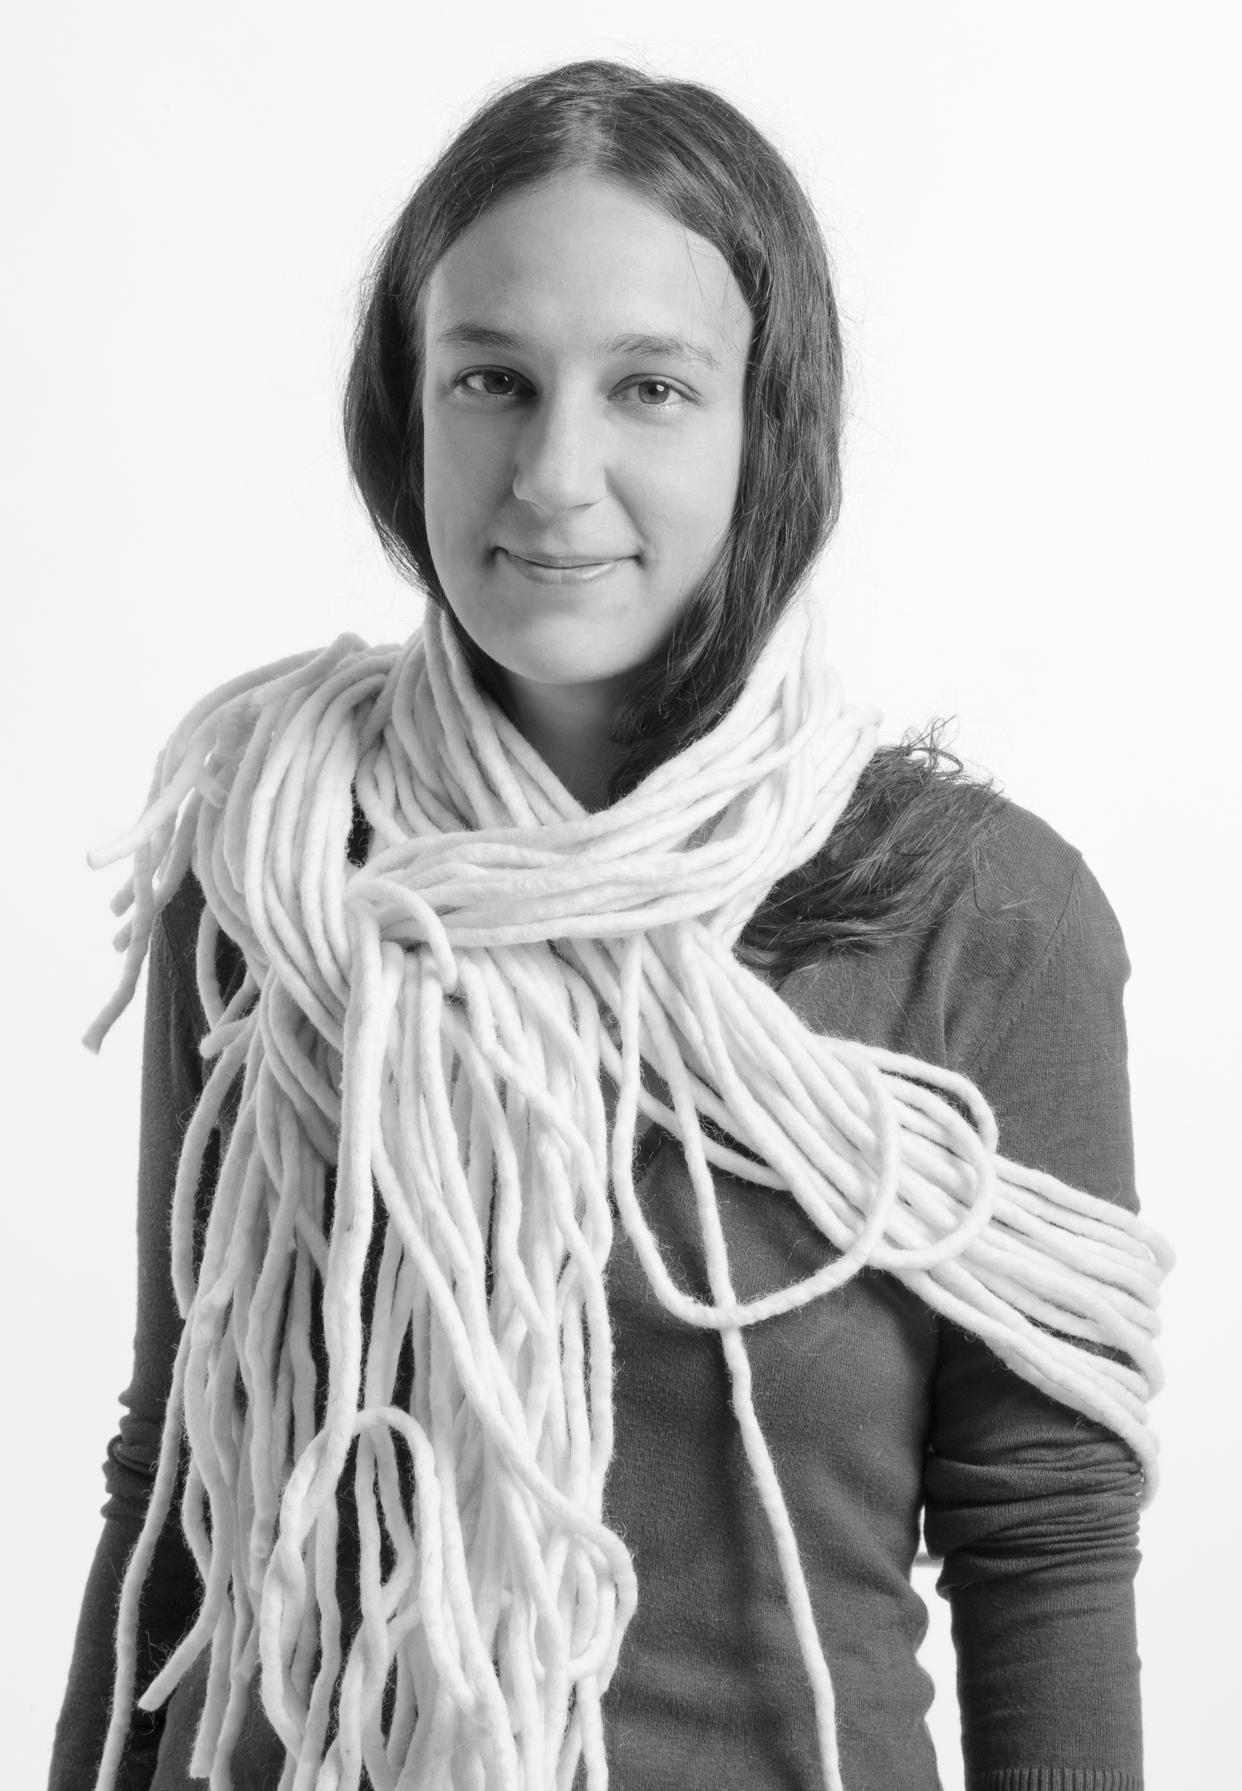 Lőrincz Lili Hanna - Telefon: +36 30 678 8878lorincz.hanna.tx@gmail.comAz alkotással töltött évek során leginkább a különböző struktúra képzési folyamatok irányába haladt. A szövés, hímzés, horgolás különösen közel állnak hozzá.